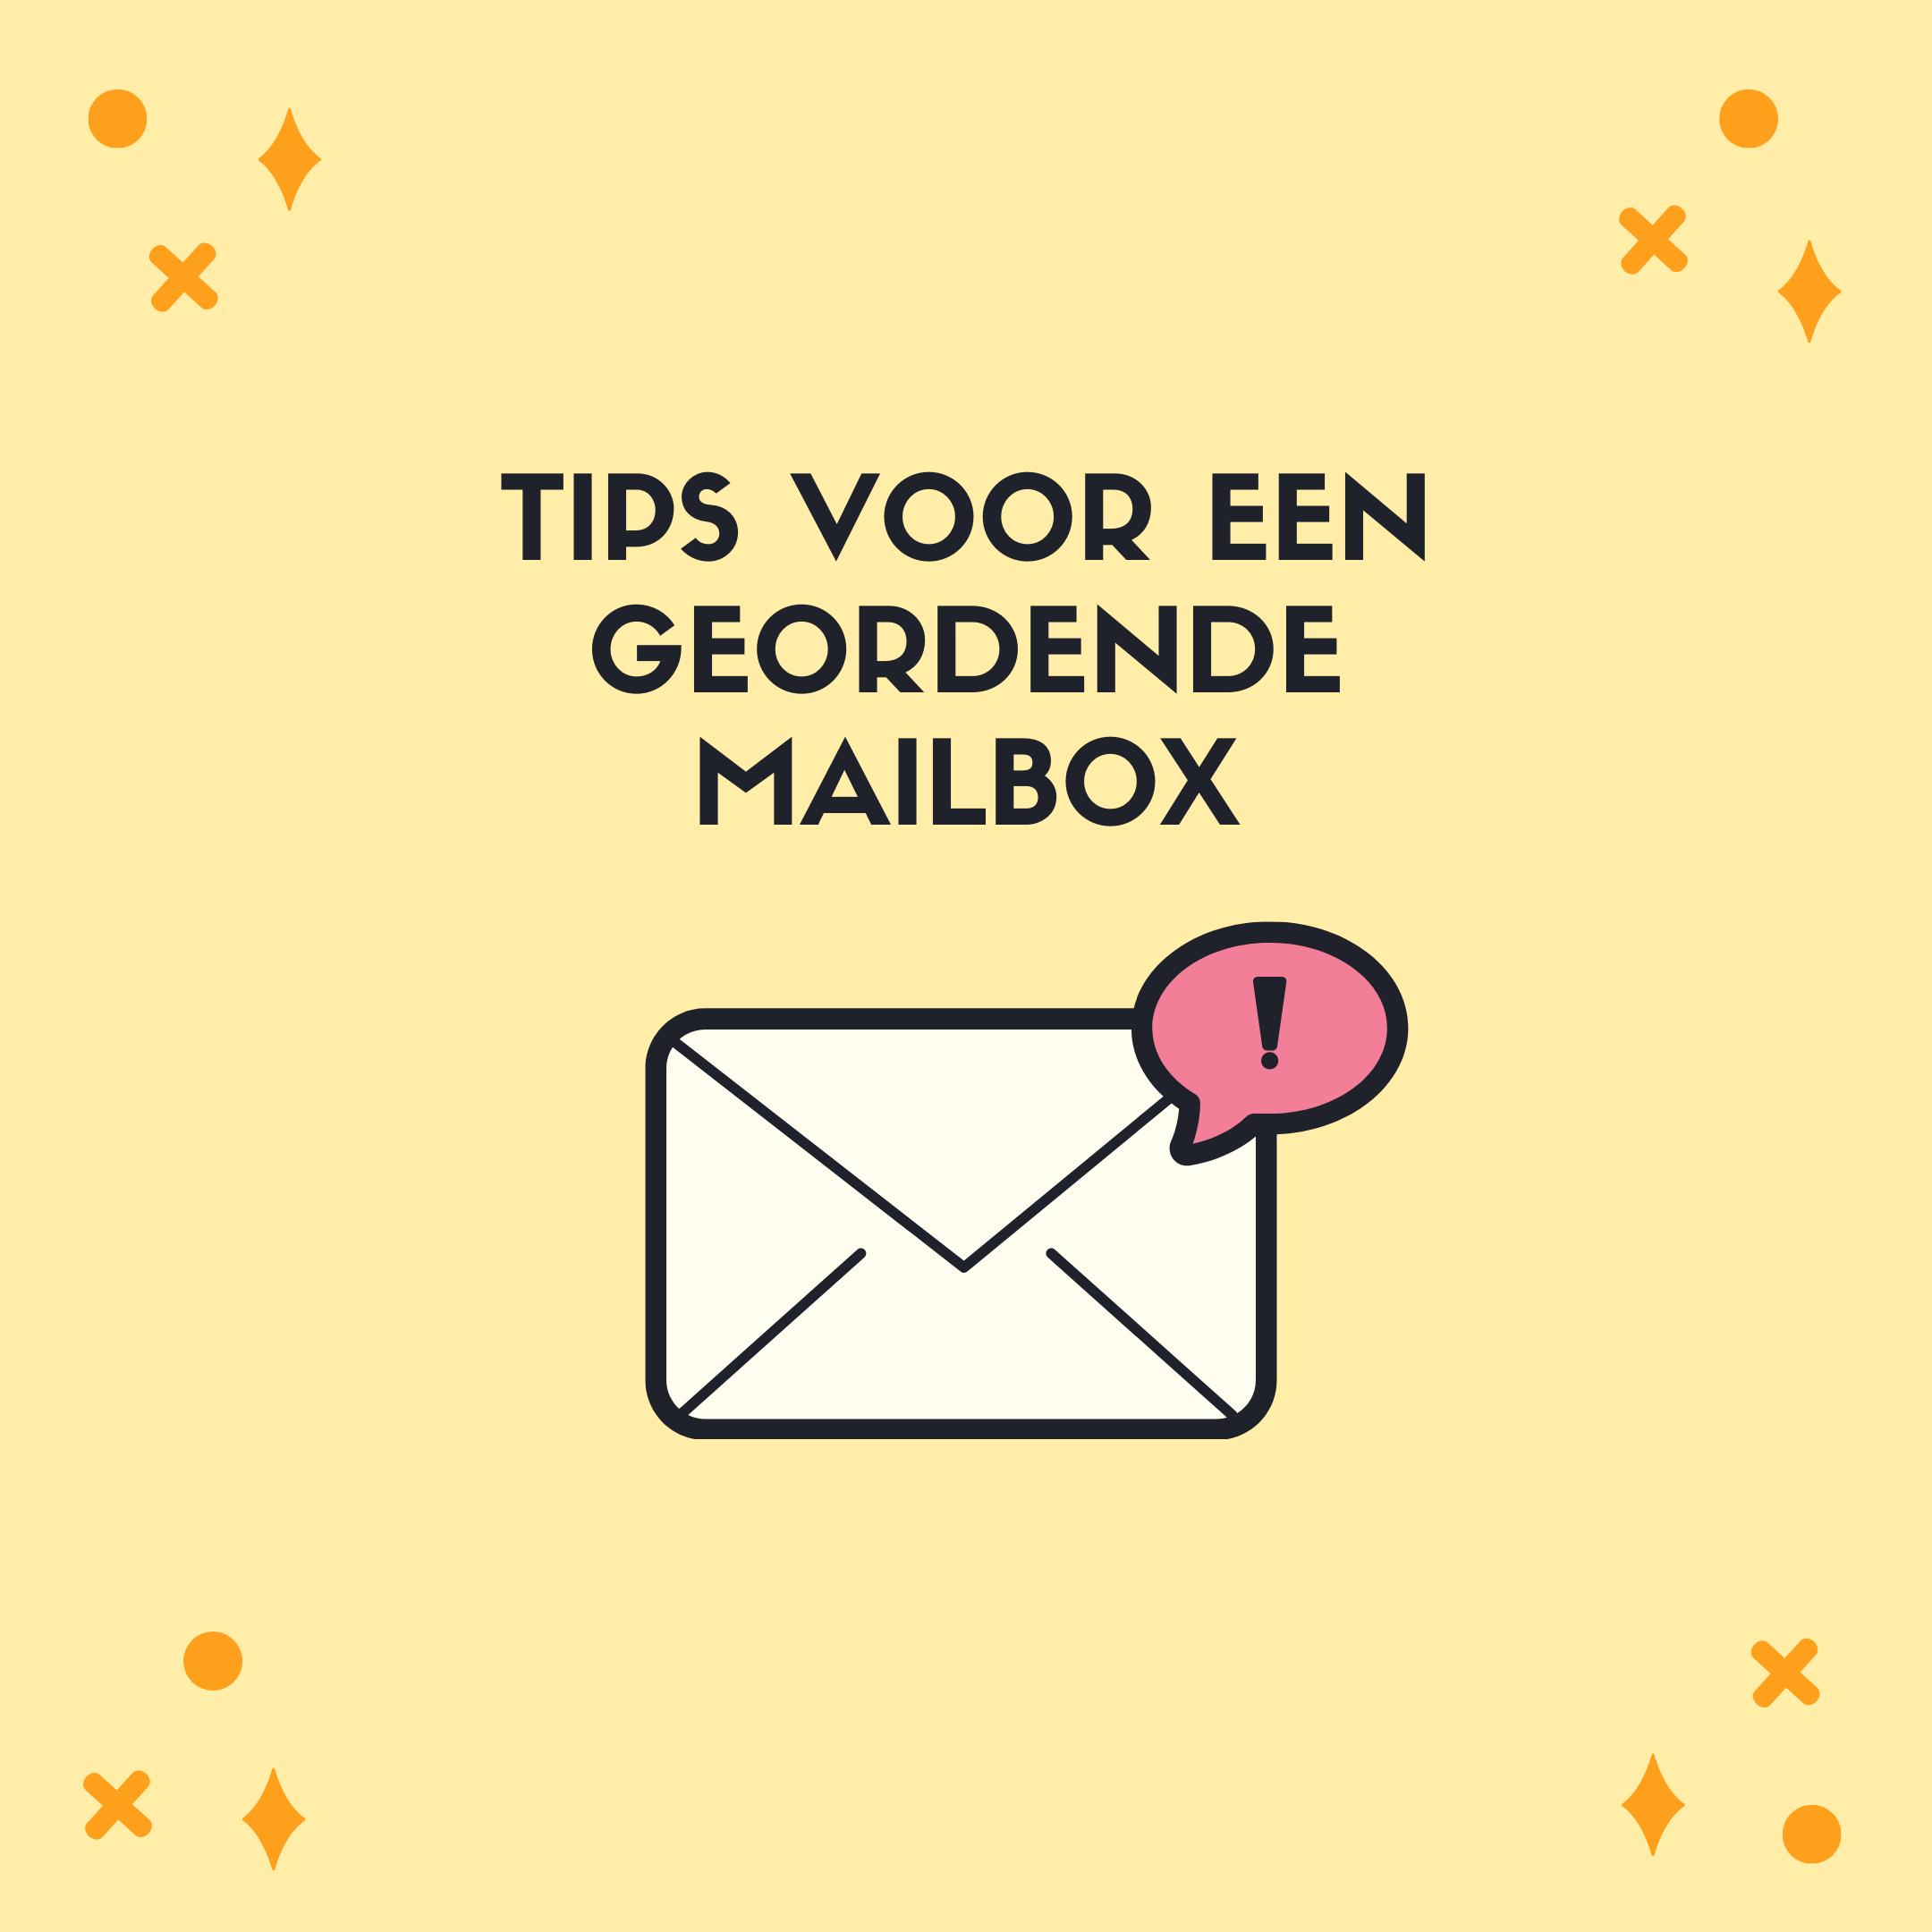 Mailbox: hoe houd je het overzichtelijk?